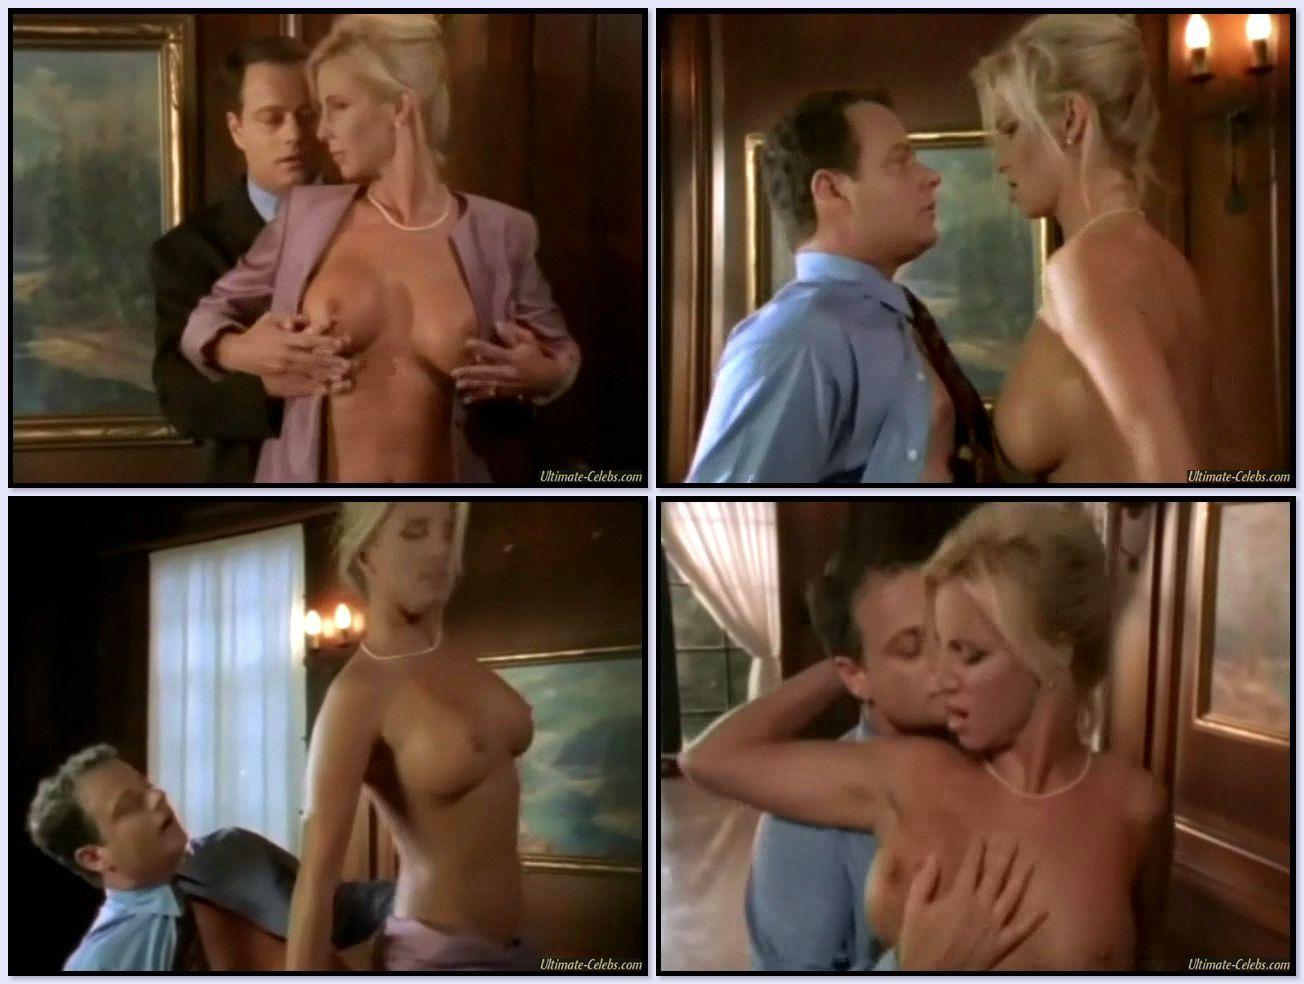 fille sexe vidéo scène de sexe